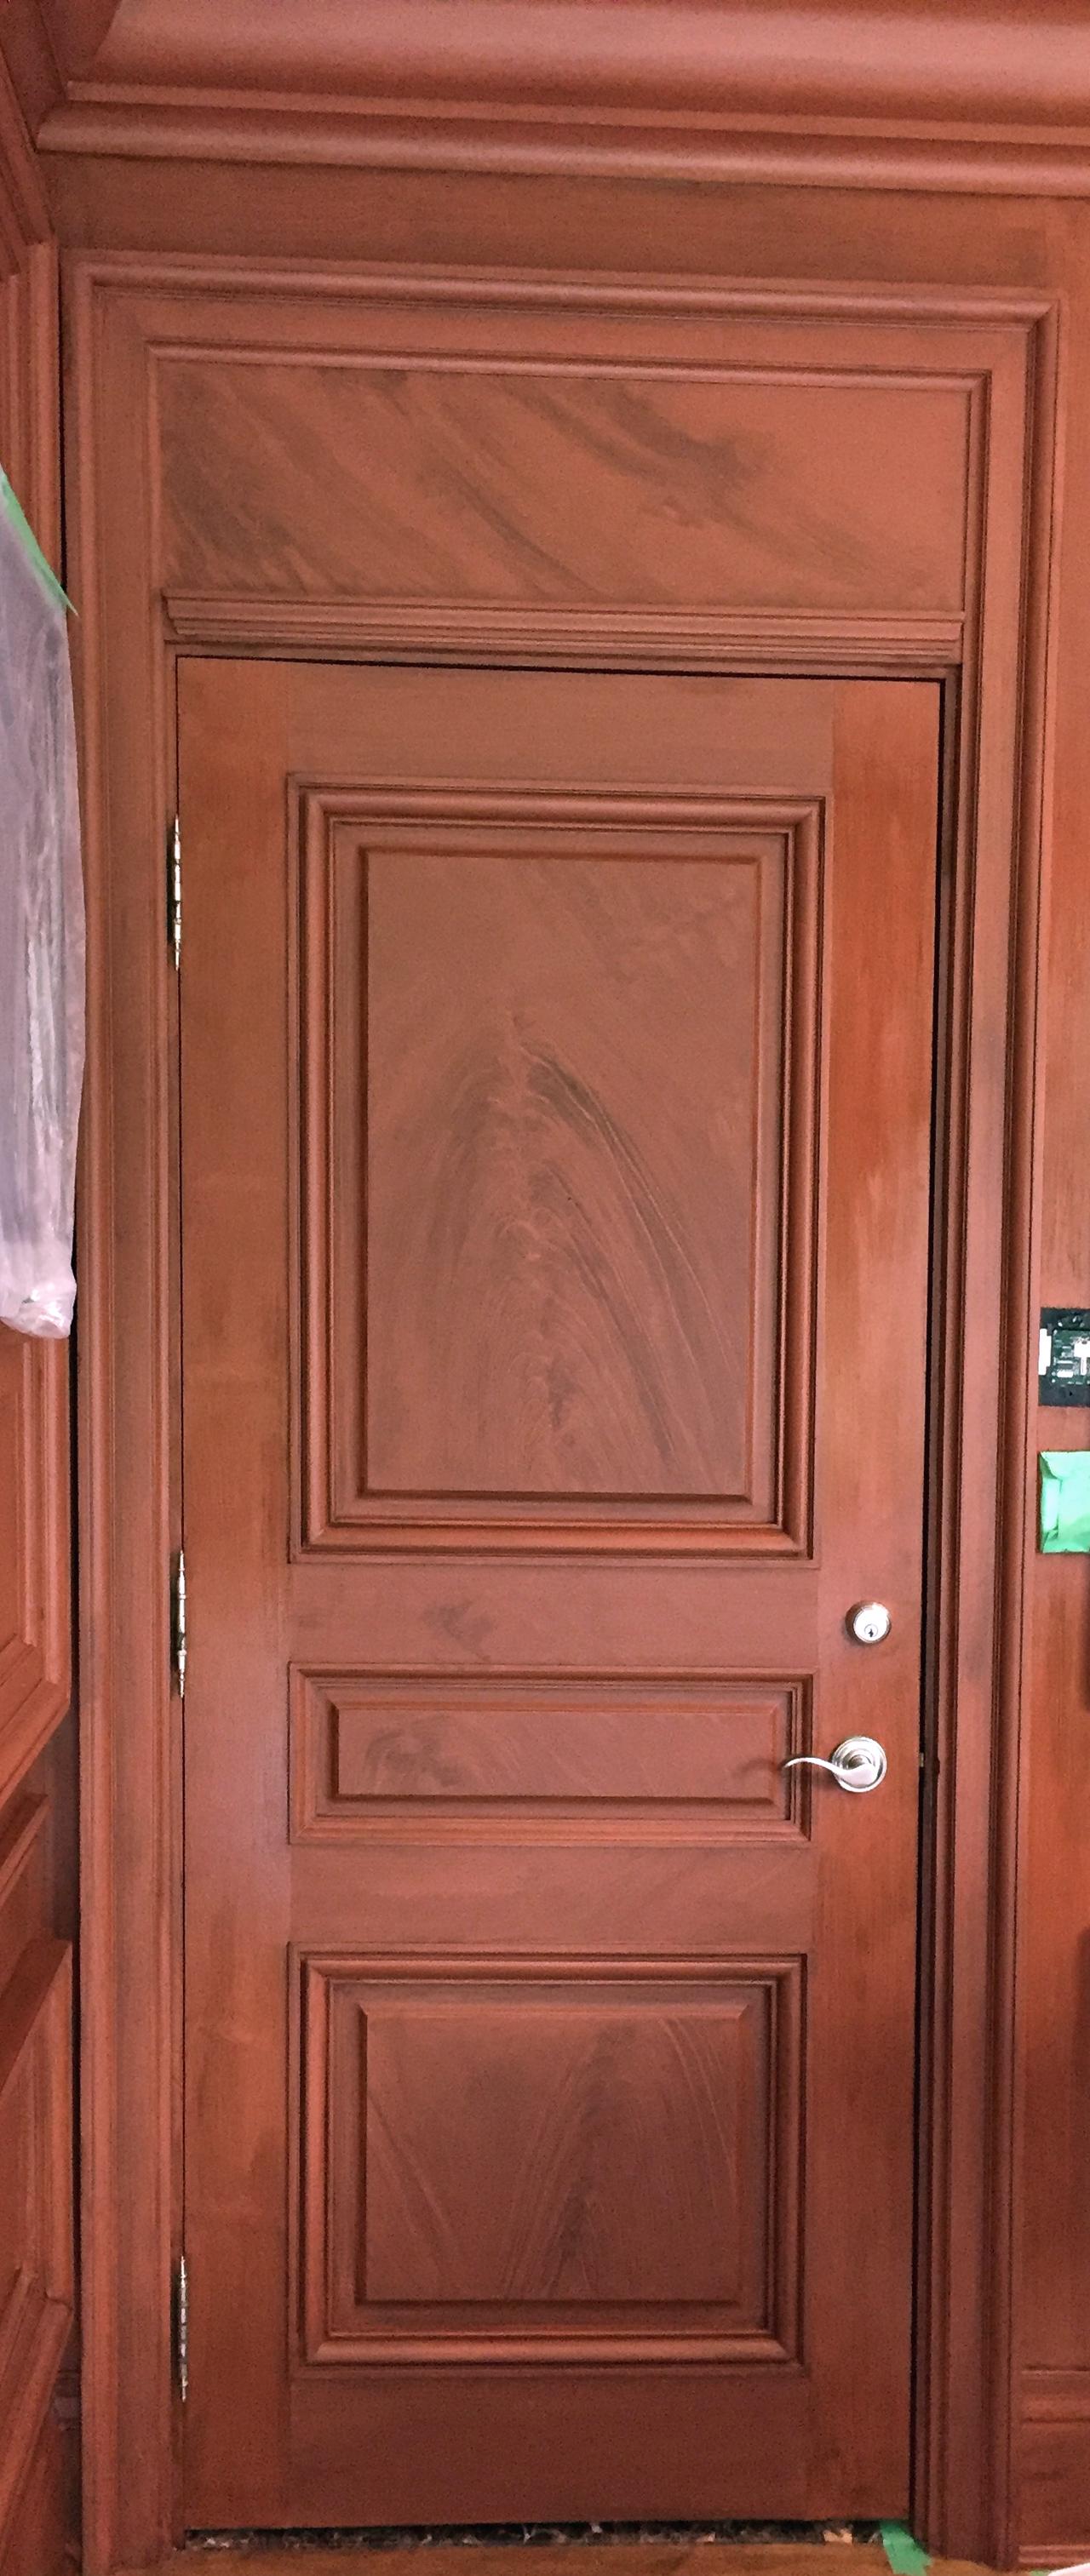 Office door.